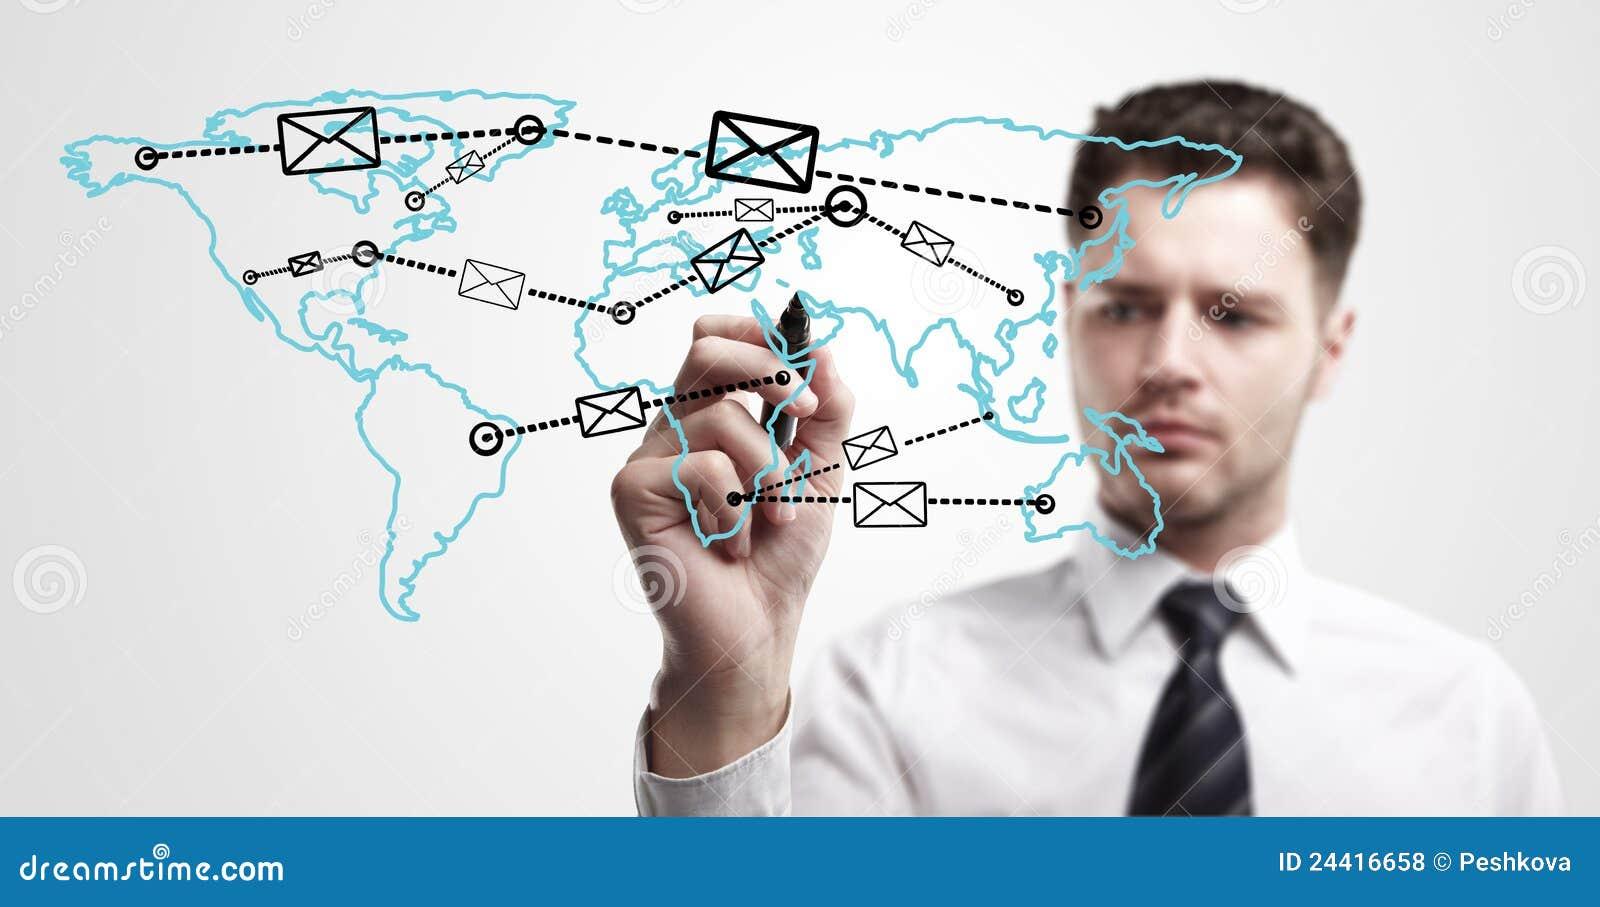 Junger Geschäftsmann, der ein Gesamt-Netzwerk zeichnet